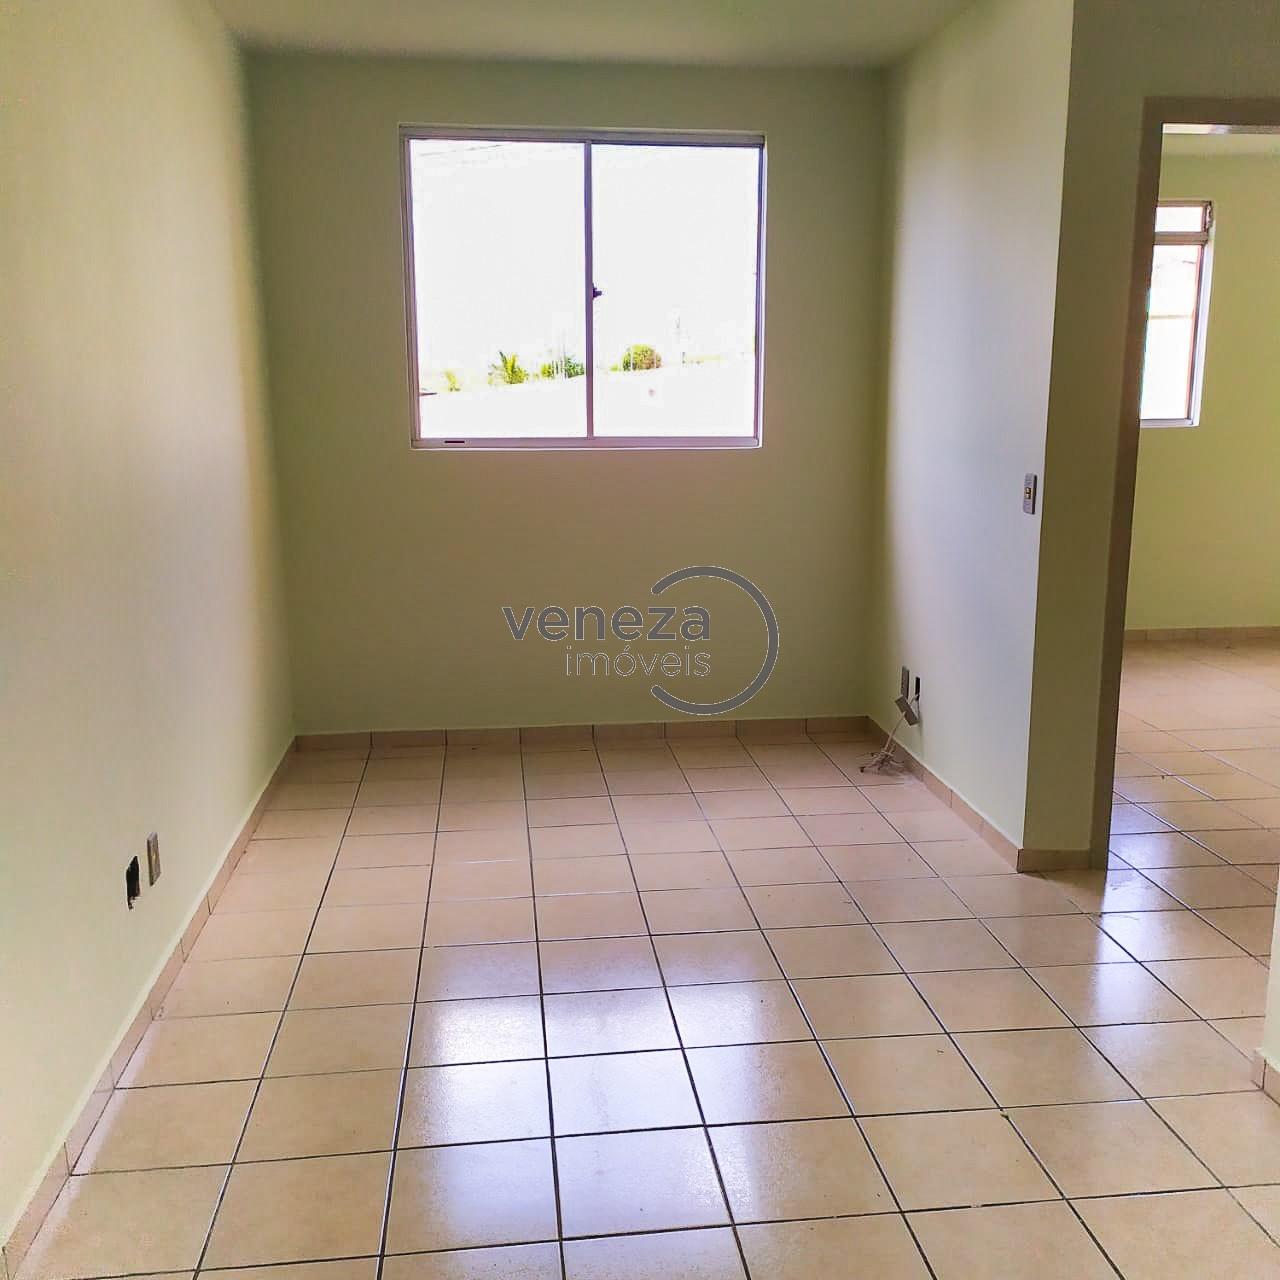 Apartamento para venda no Nova Olinda em Londrina com 51m² por R$ 120.000,00